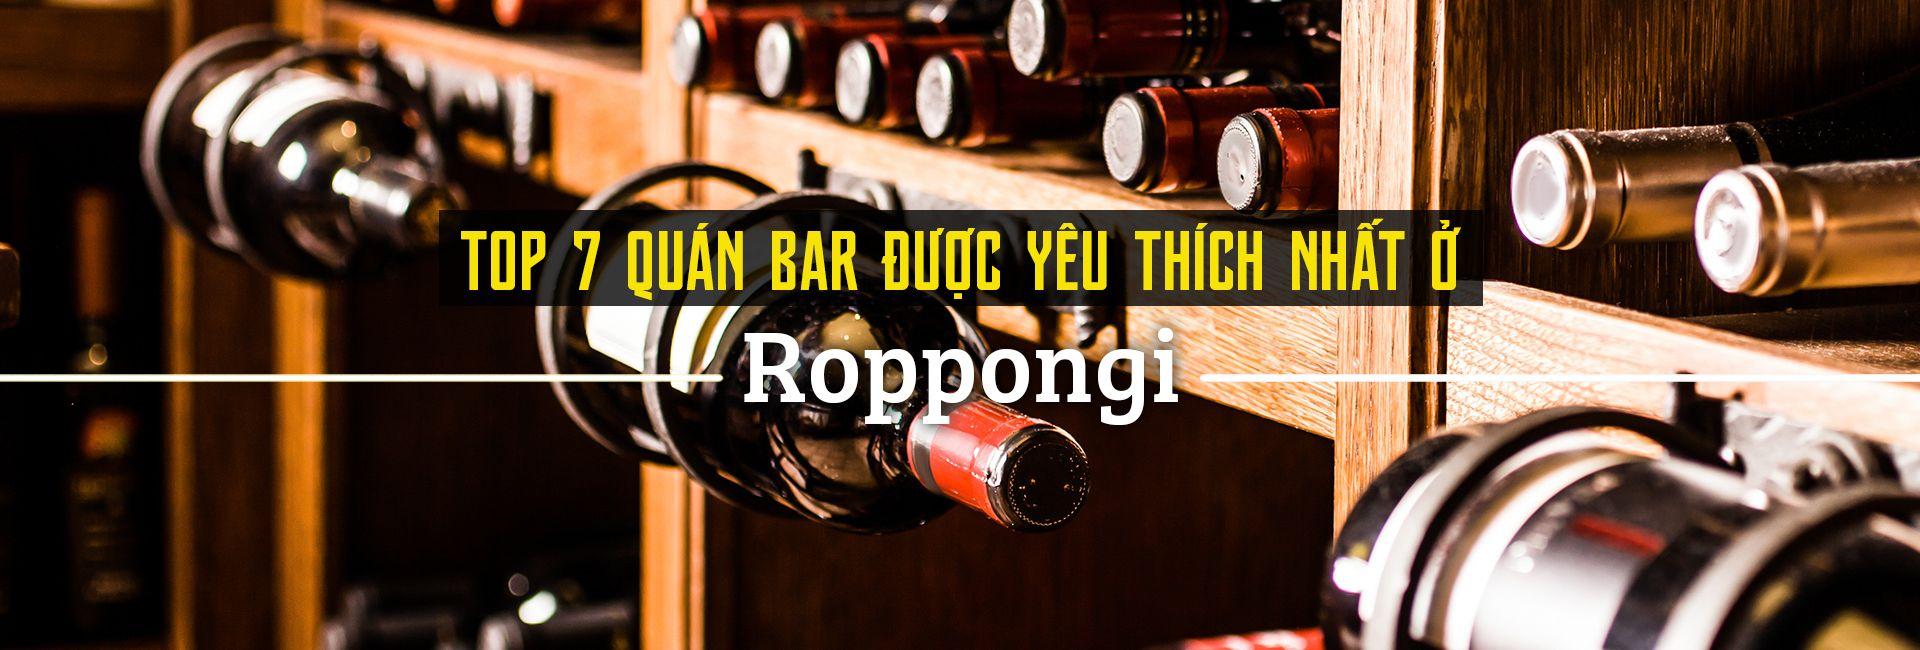 Top 7 quán bar được yêu thích nhất ở Roppongi, Tokyo